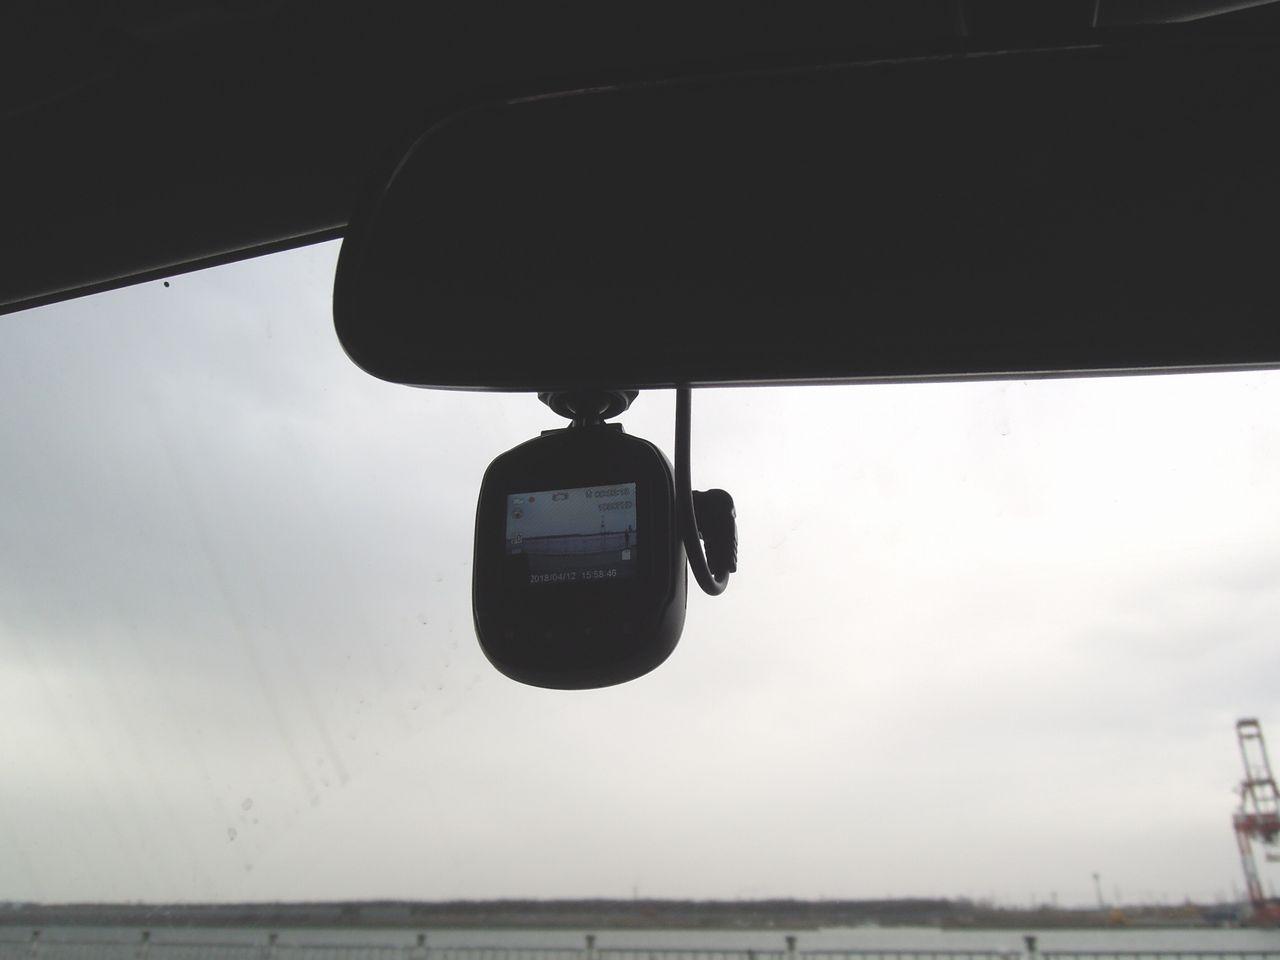 Accfly ドライブレコーダー 1.5インチ1080P WDR Full HD 120度広角レンズ ミニダッシュカム G-sensor ループ録画